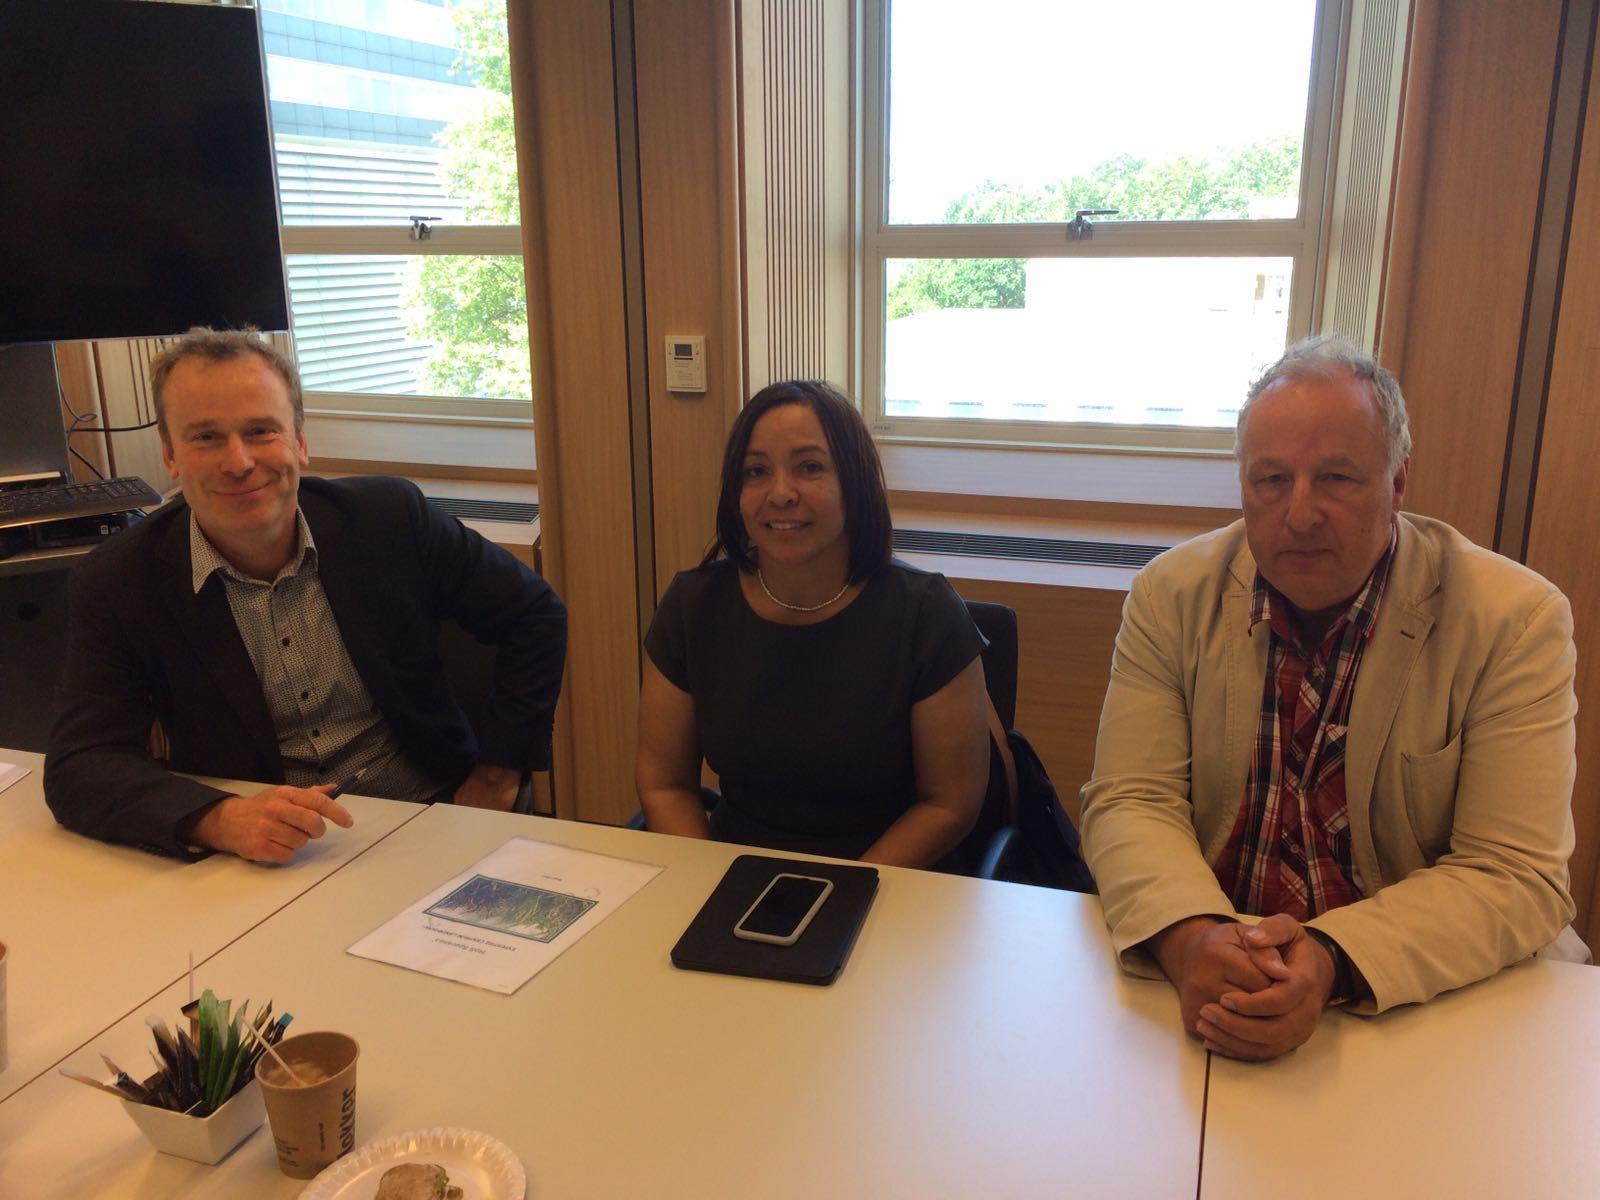 Gedeputeerde Hellburg-Makaai voert gesprekken over reorganisatie LVV